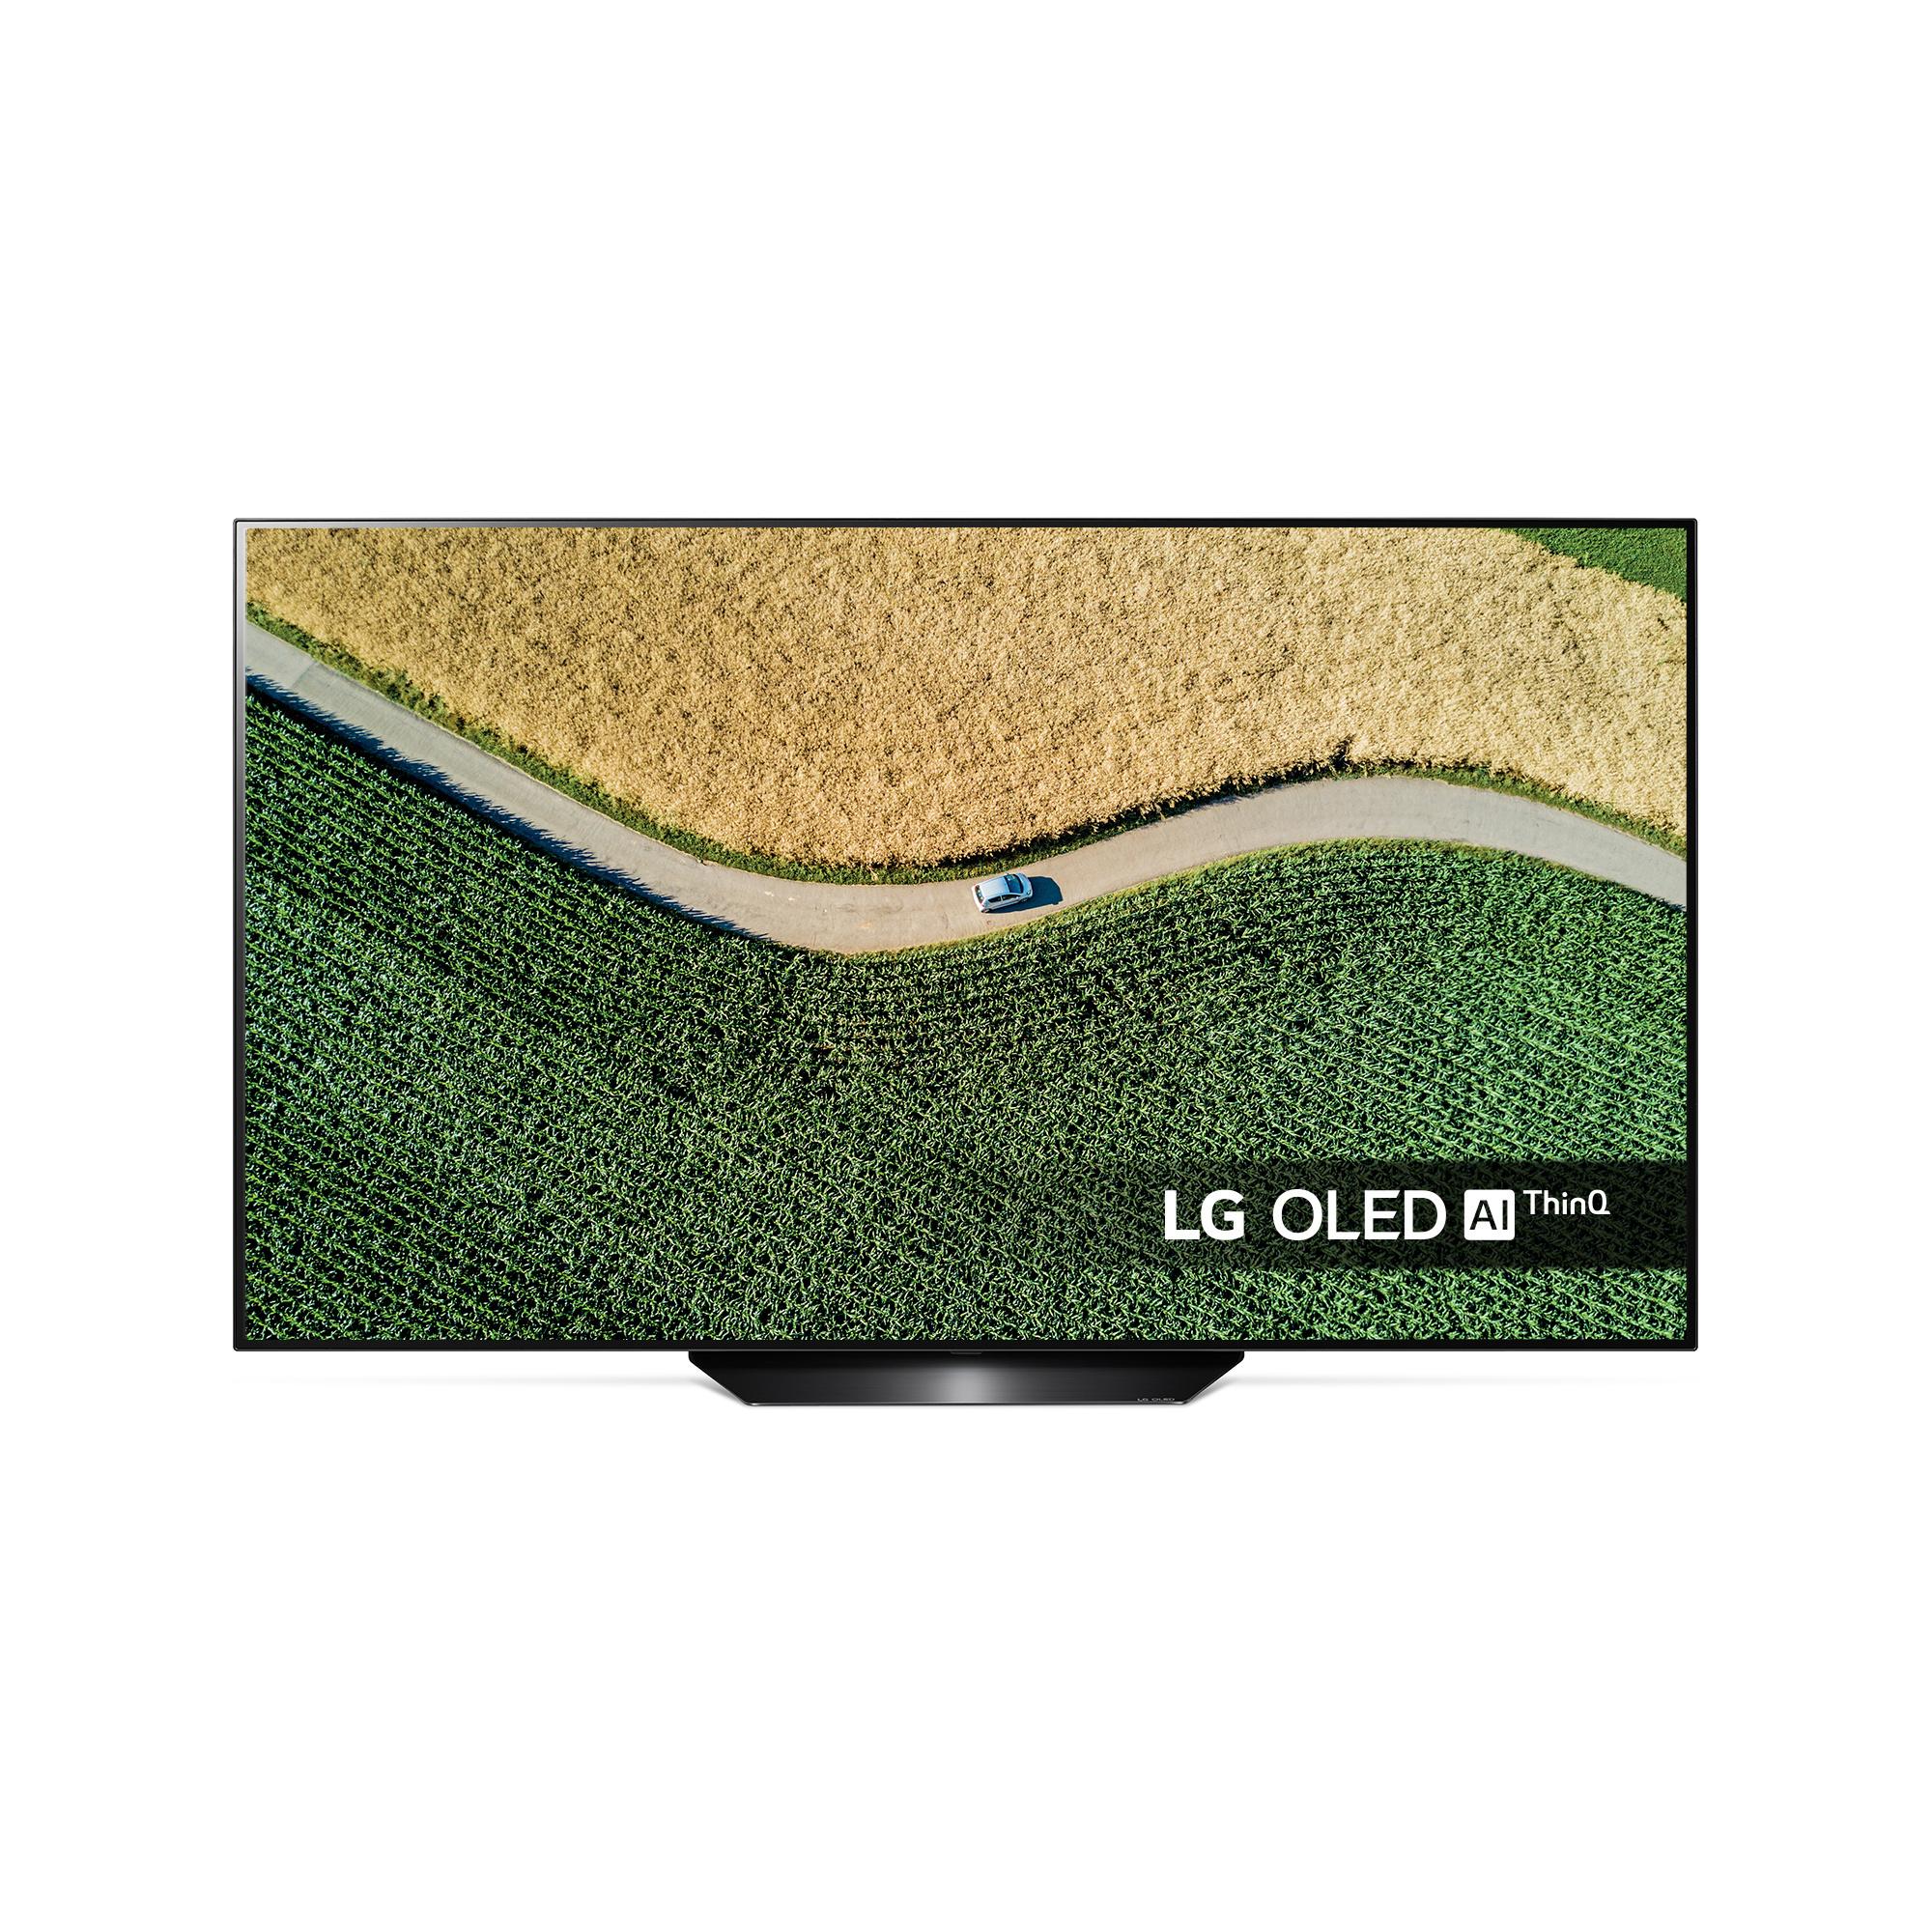 LG OLED55B9PLA Zwart (Audiomixonline) €1.098 met gratis verzending